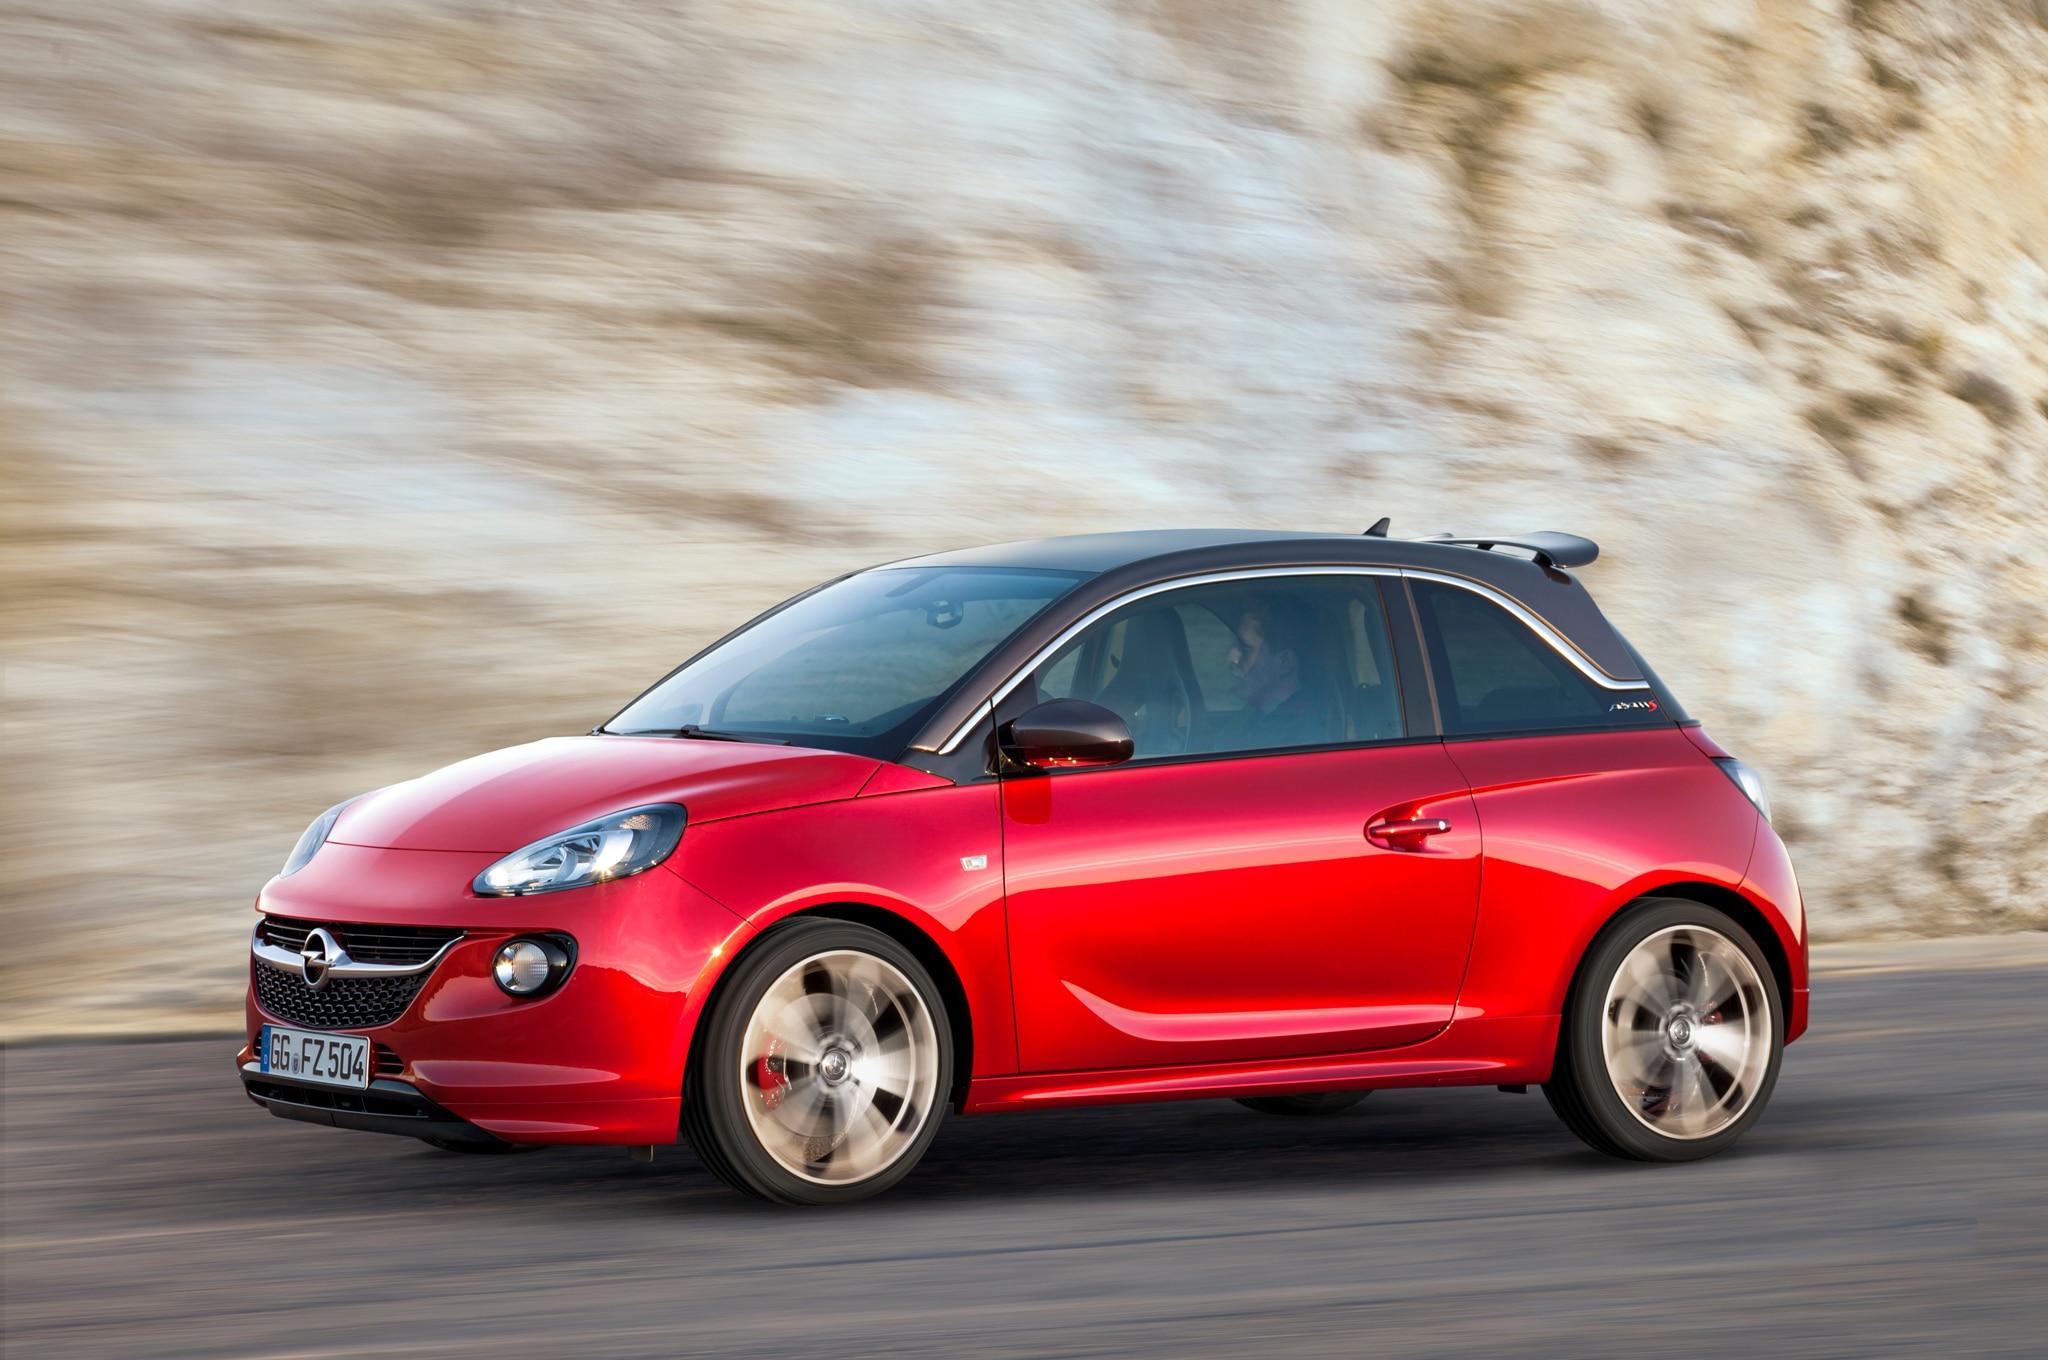 Opel Adam S Prototype Side Profile In Motion1